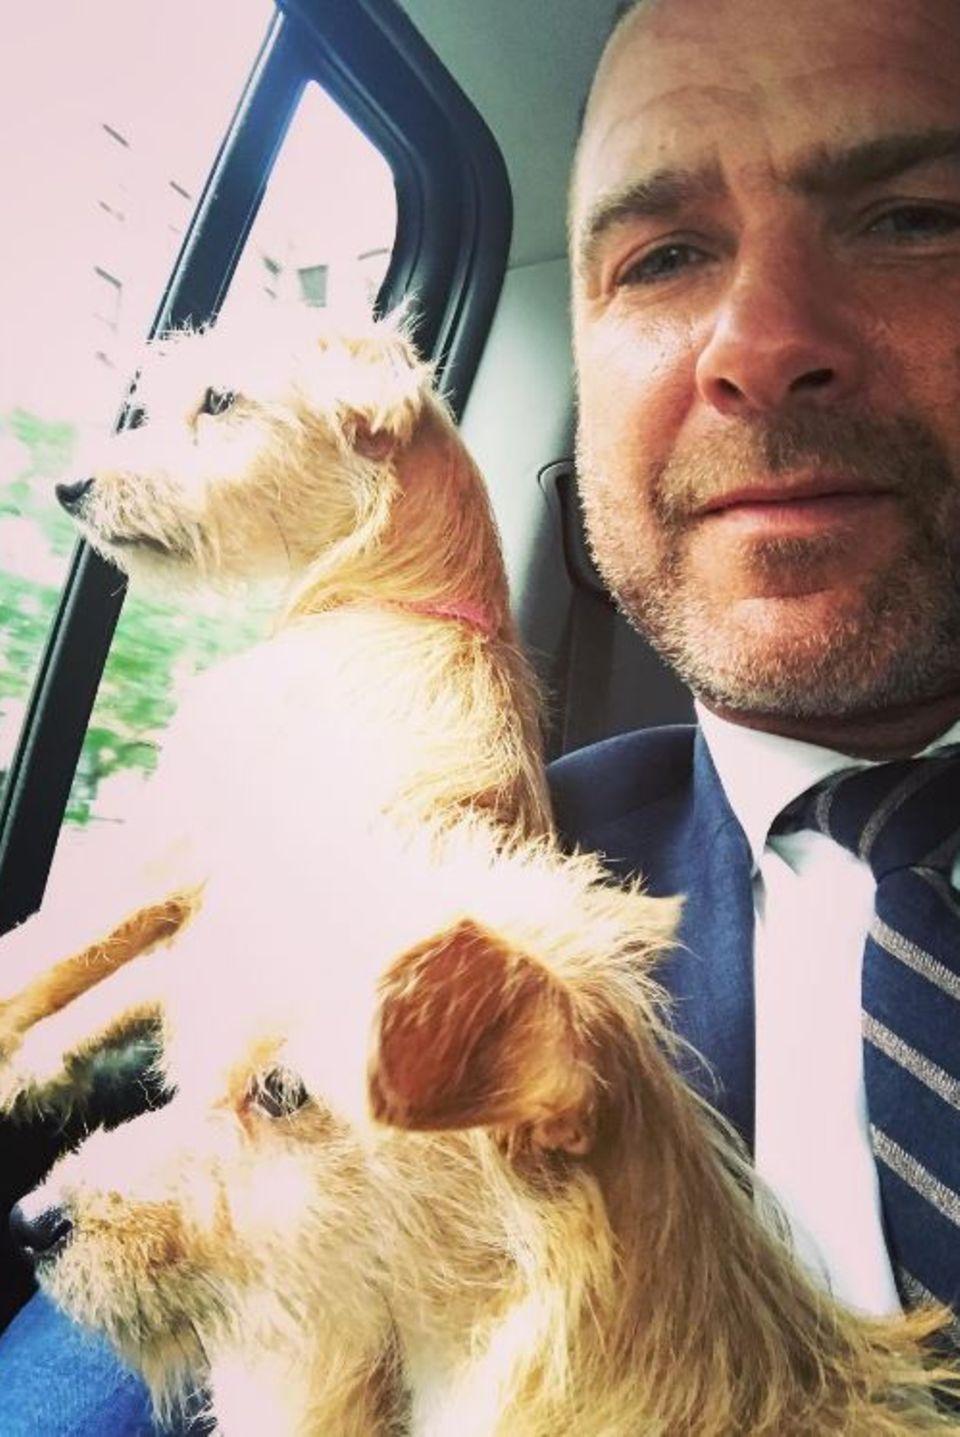 """Hollywoodstar Liev Schreiber postet dieses niedliche Foto, mit den Worten: """"Schaut, was ich hier habe. Ein Paar Waisen aus Houston, die sich den Big Apple zum ersten Mal ansehen."""" Während der Hurricane-Katastrophe in Houston haben nicht nur Menschen, sondern auch viele Tiere ihr Heim verloren. Diese beiden Hunde haben das Glück, in New York bei dem Schauspieler ein neues Zuhause gefunden zu haben."""